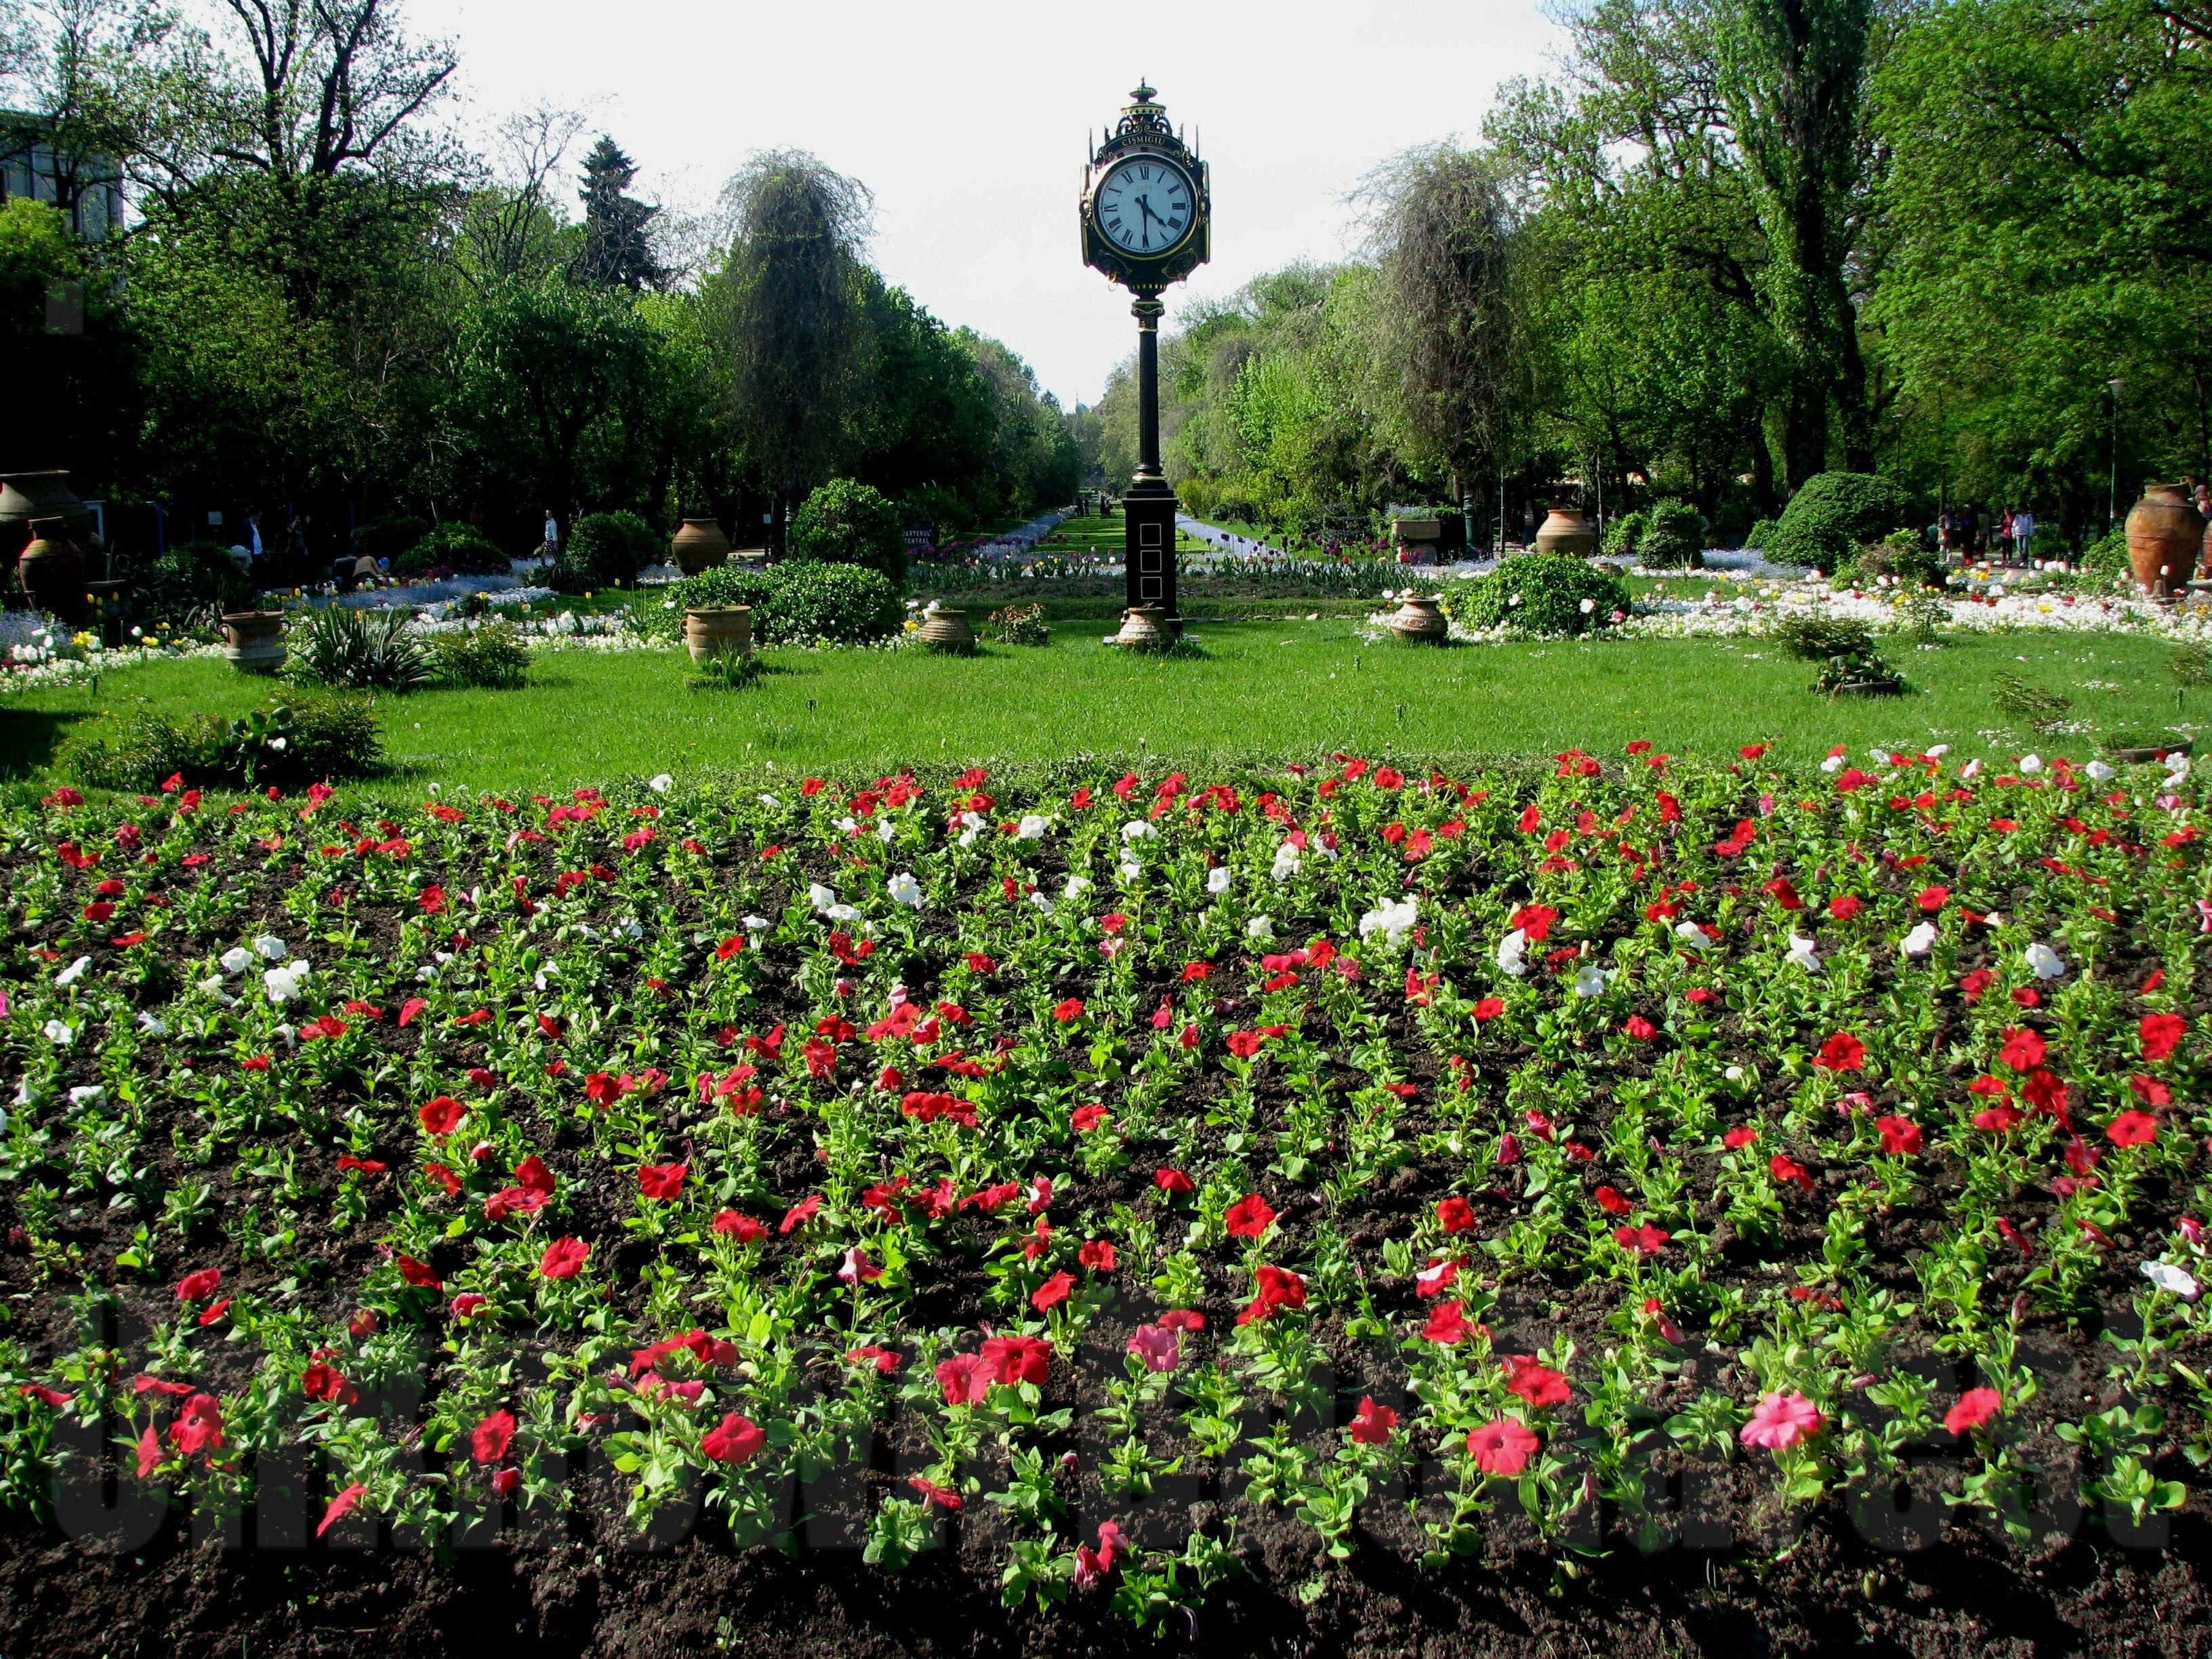 حديقة تشميجيو Cismigiu-Park-the-ol